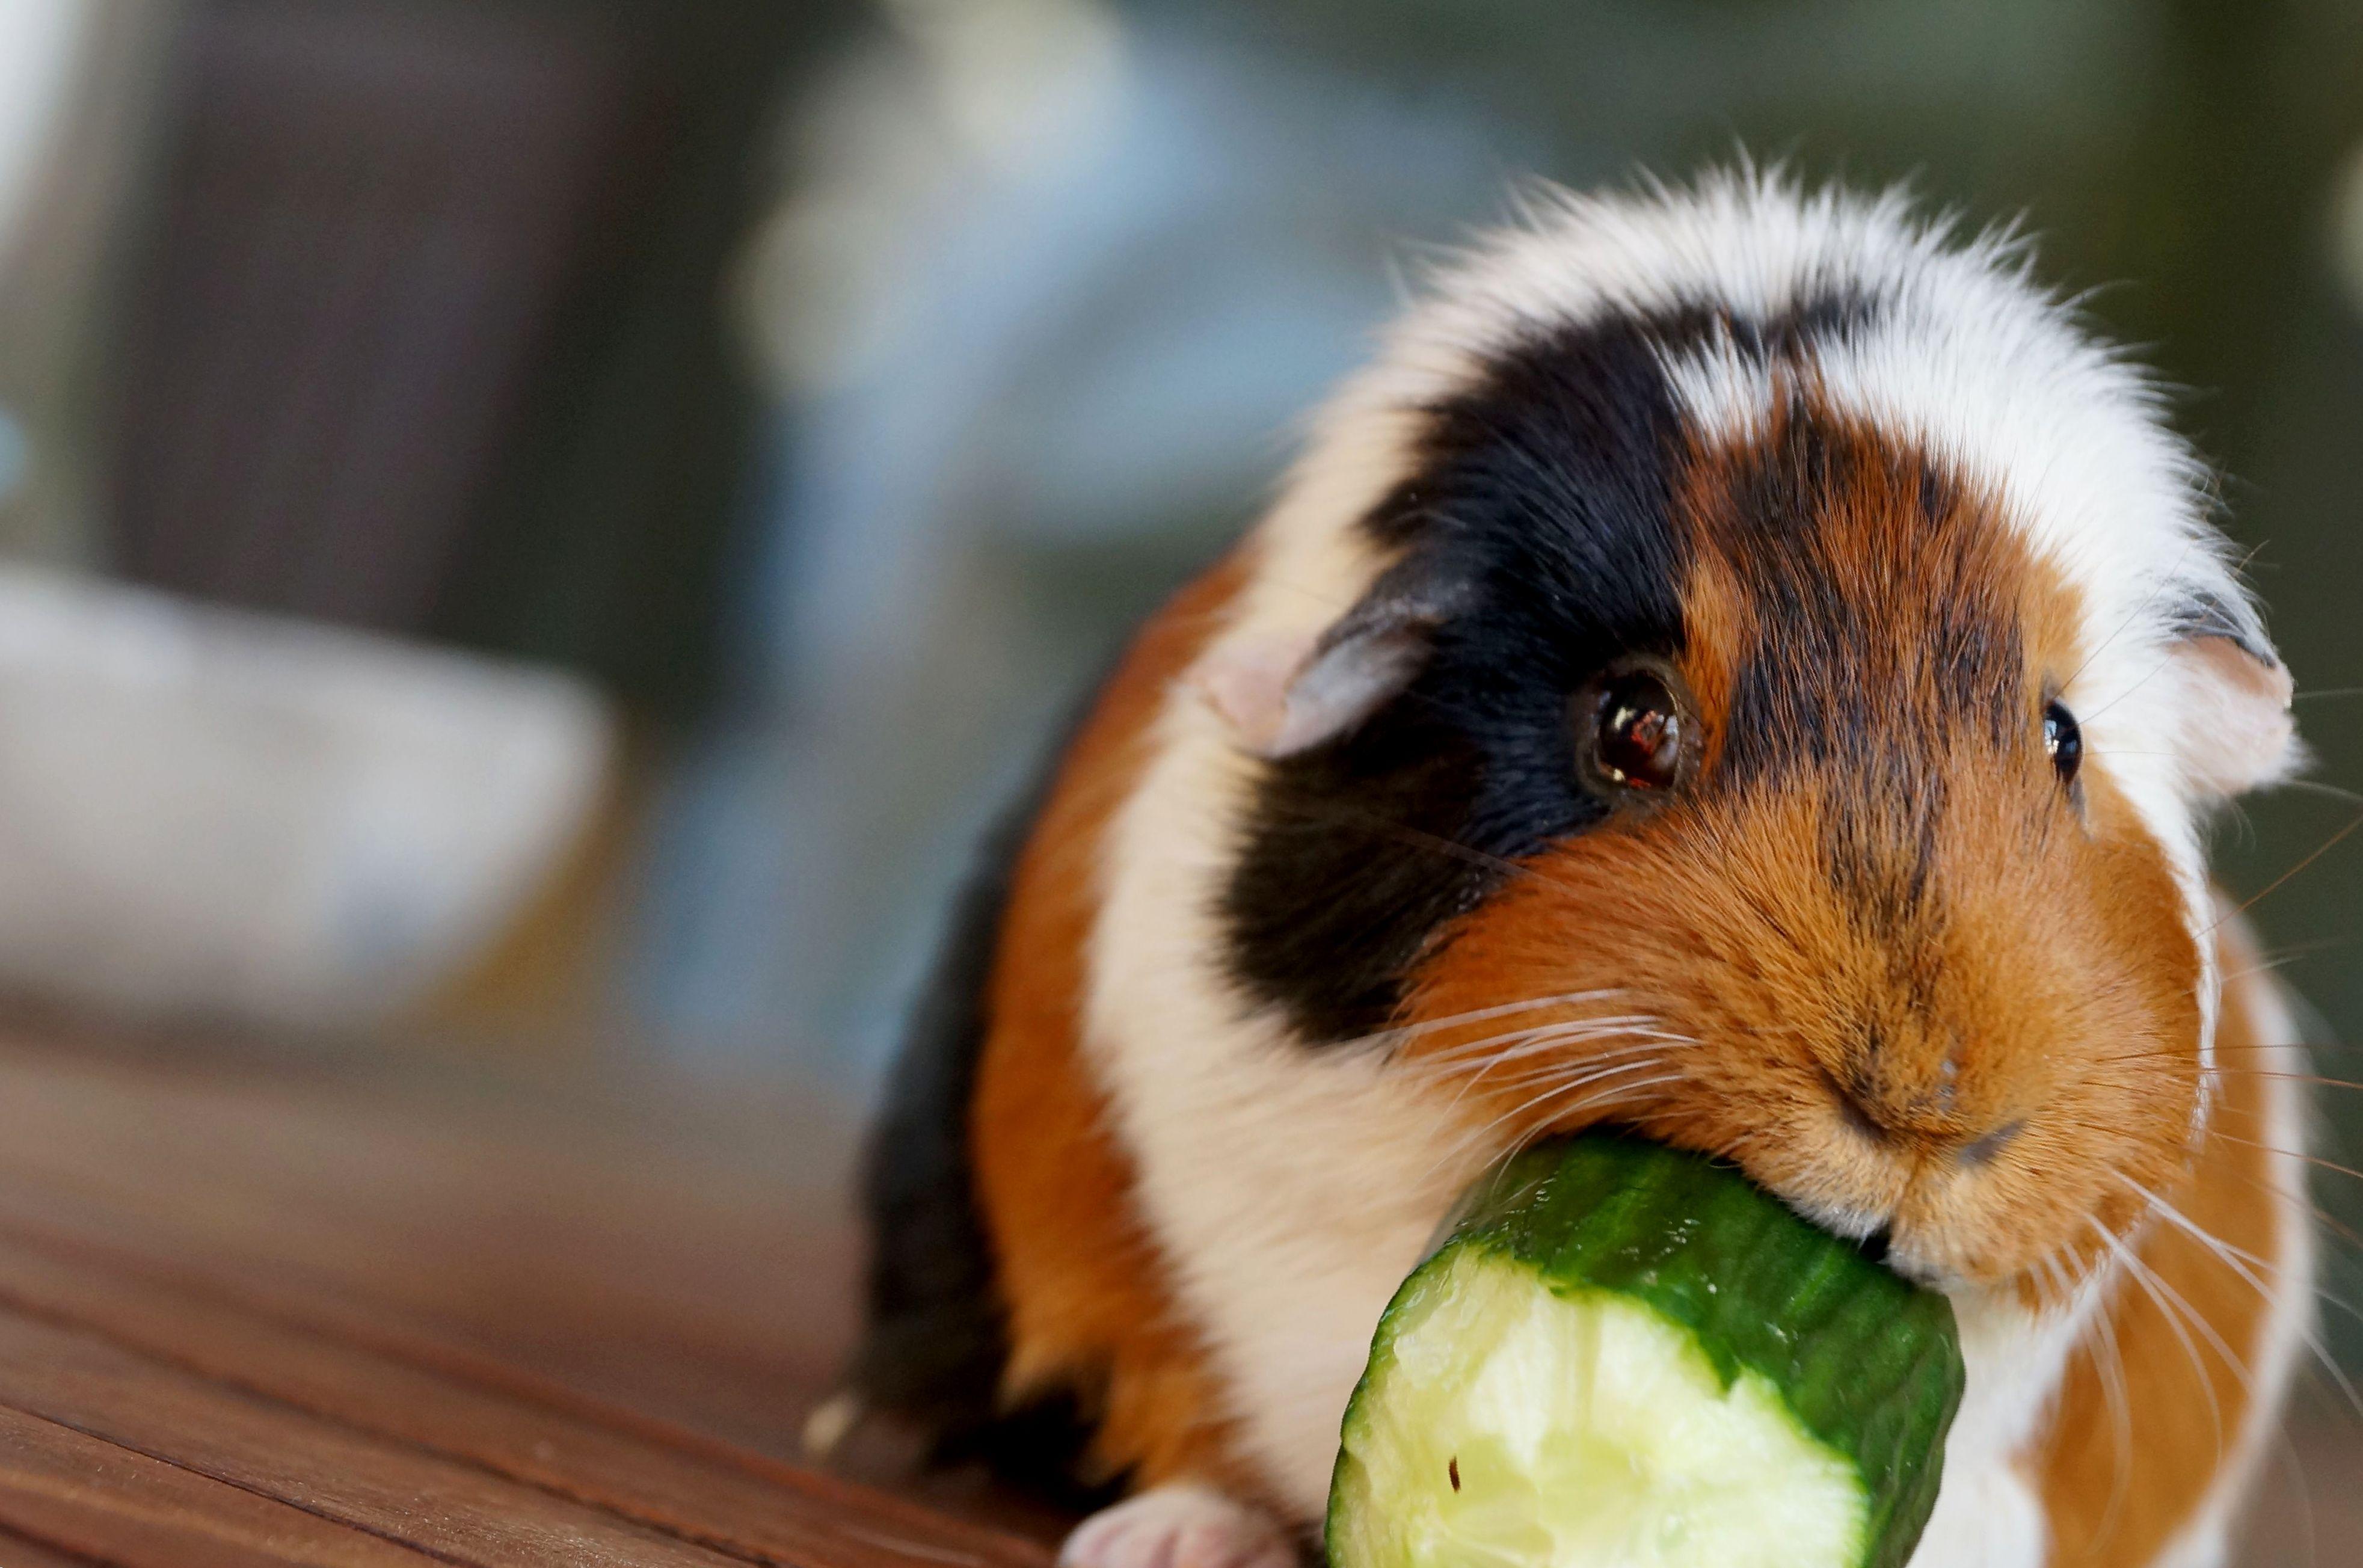 Чем кормить морскую свинку? Овощами или фруктами?